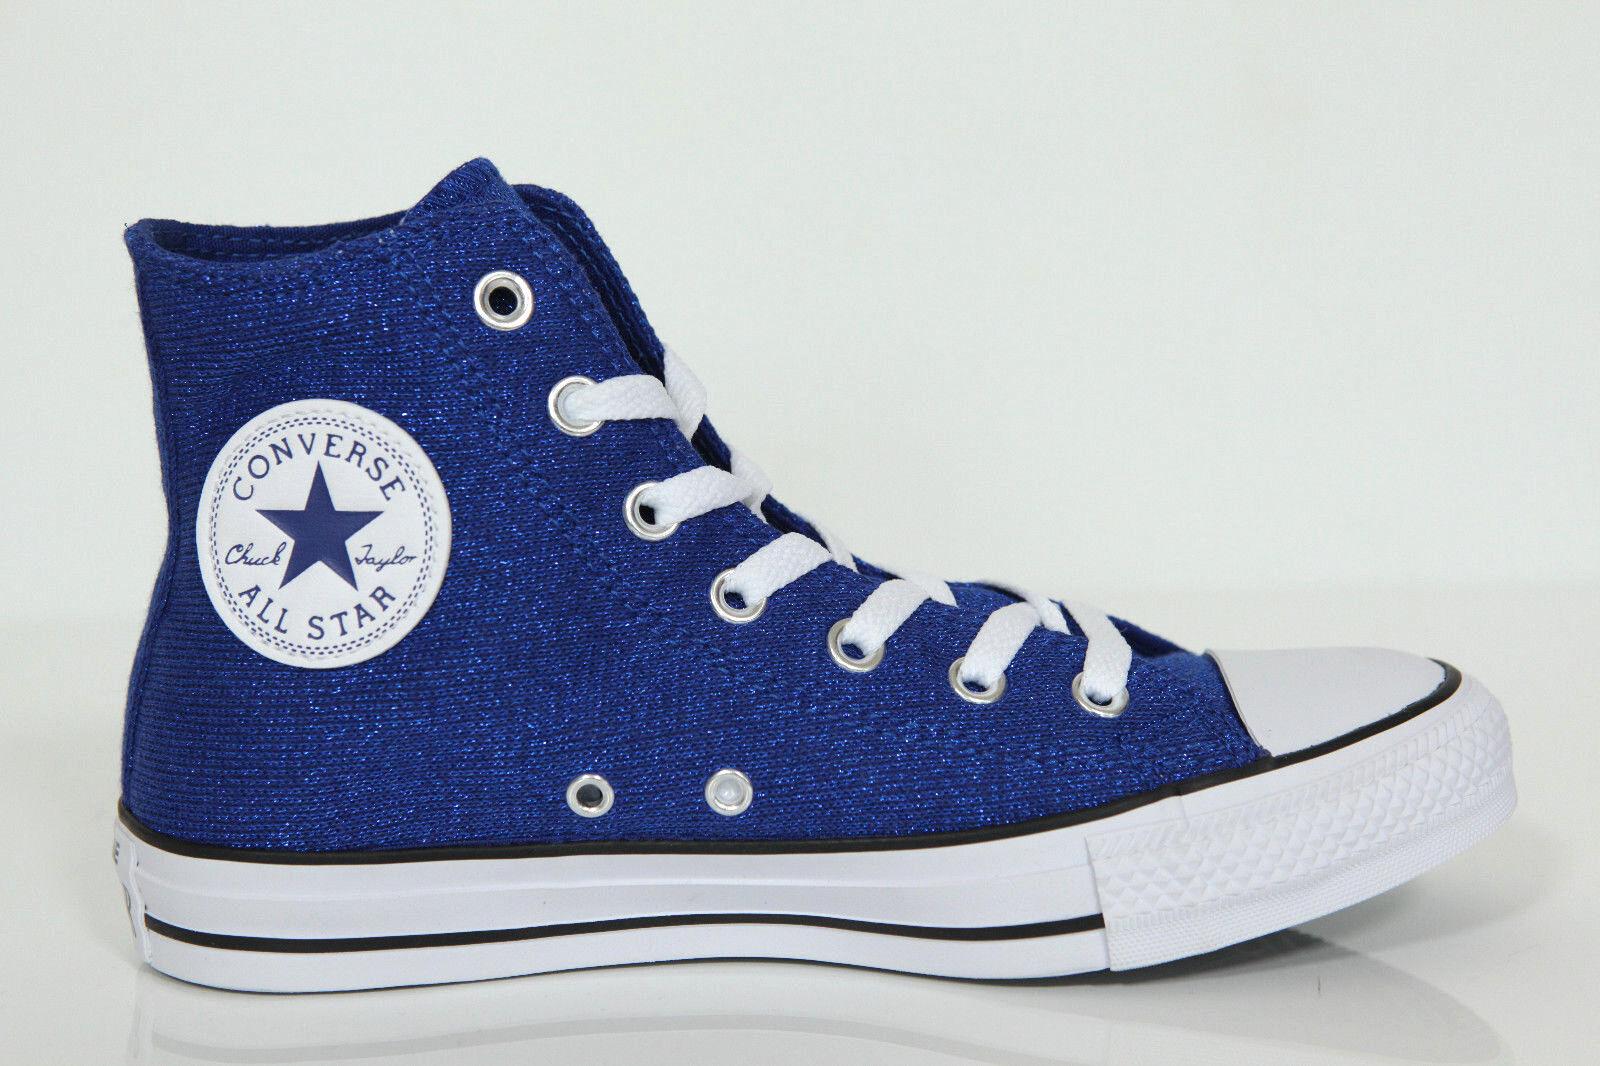 Nuevo All Converse Star Converse All Chucks zapatillas Hi cortos zapatillas 6357b5